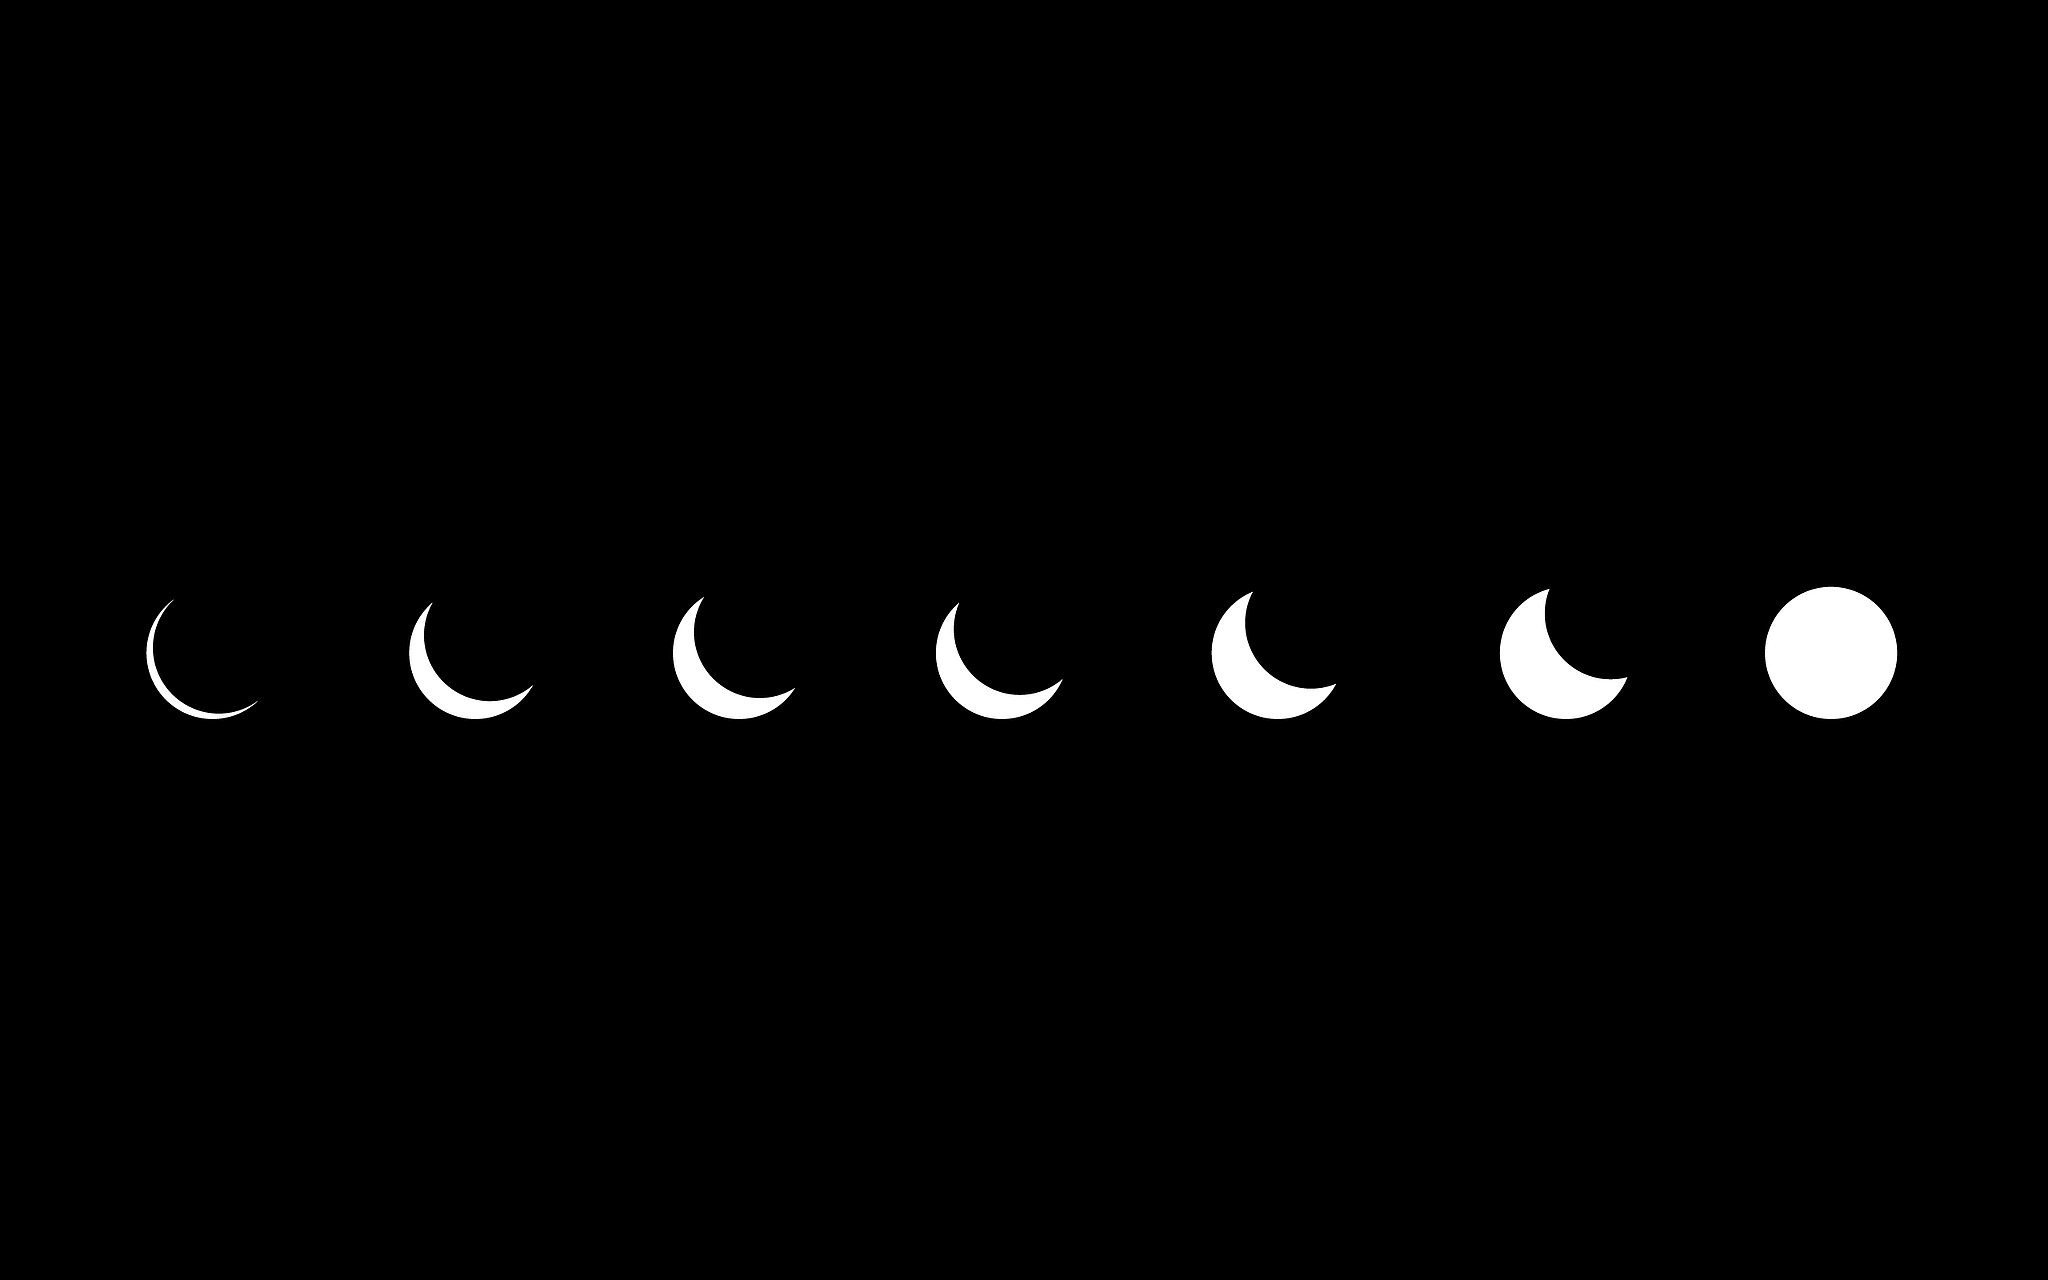 Fases de Lua by Arthur Andrini